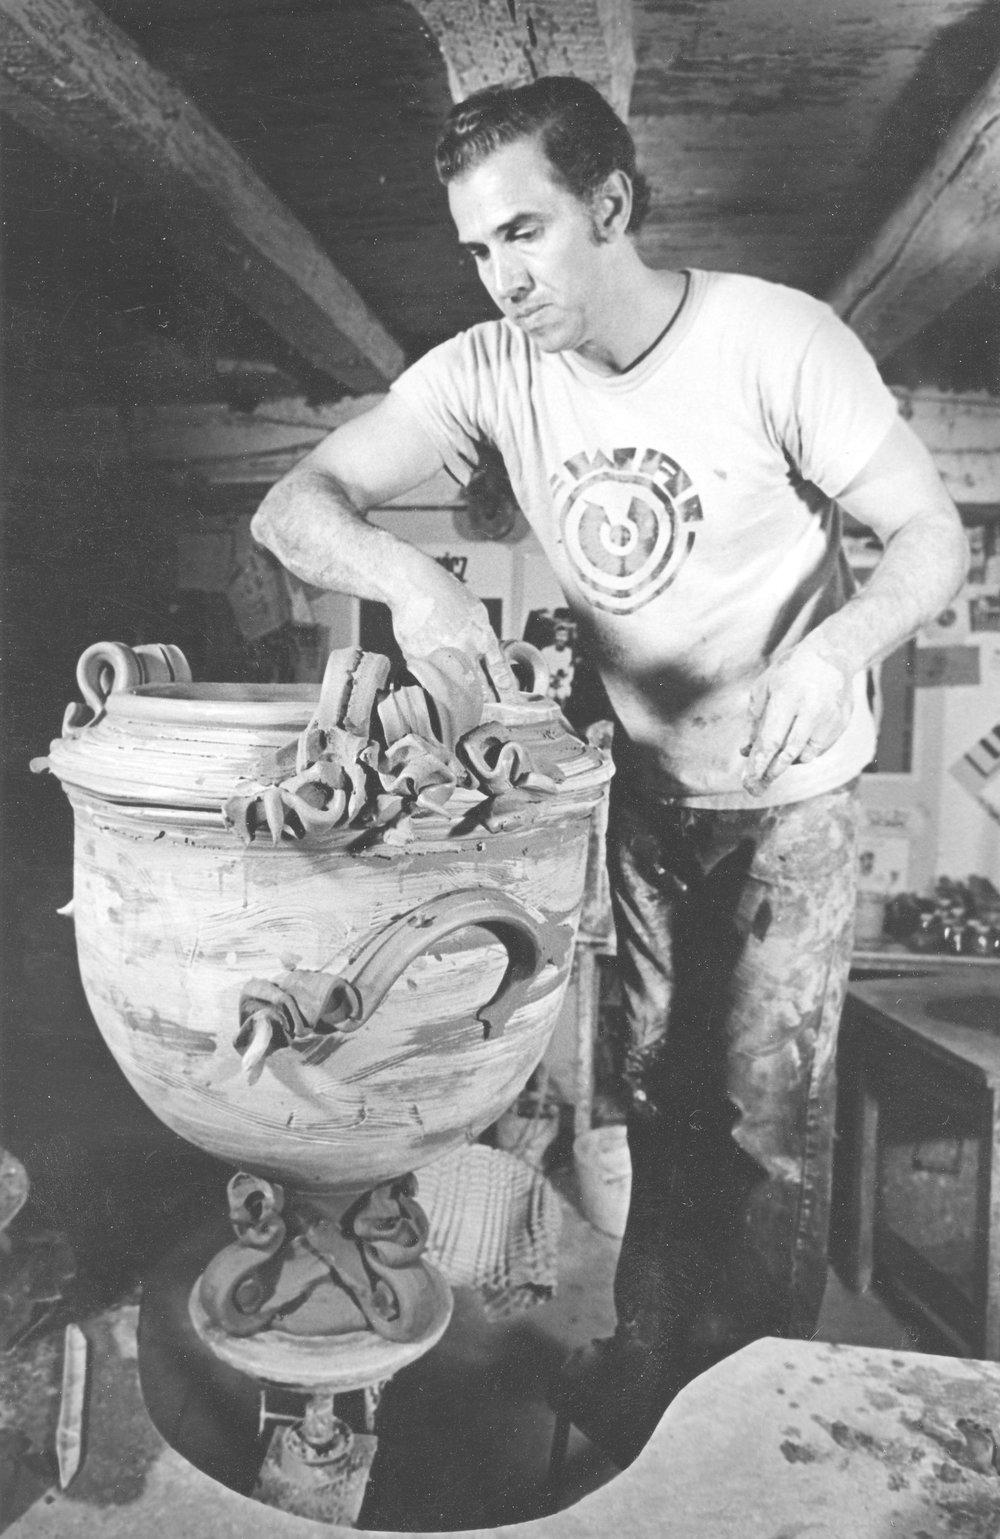 don reitz 1929 - 2014